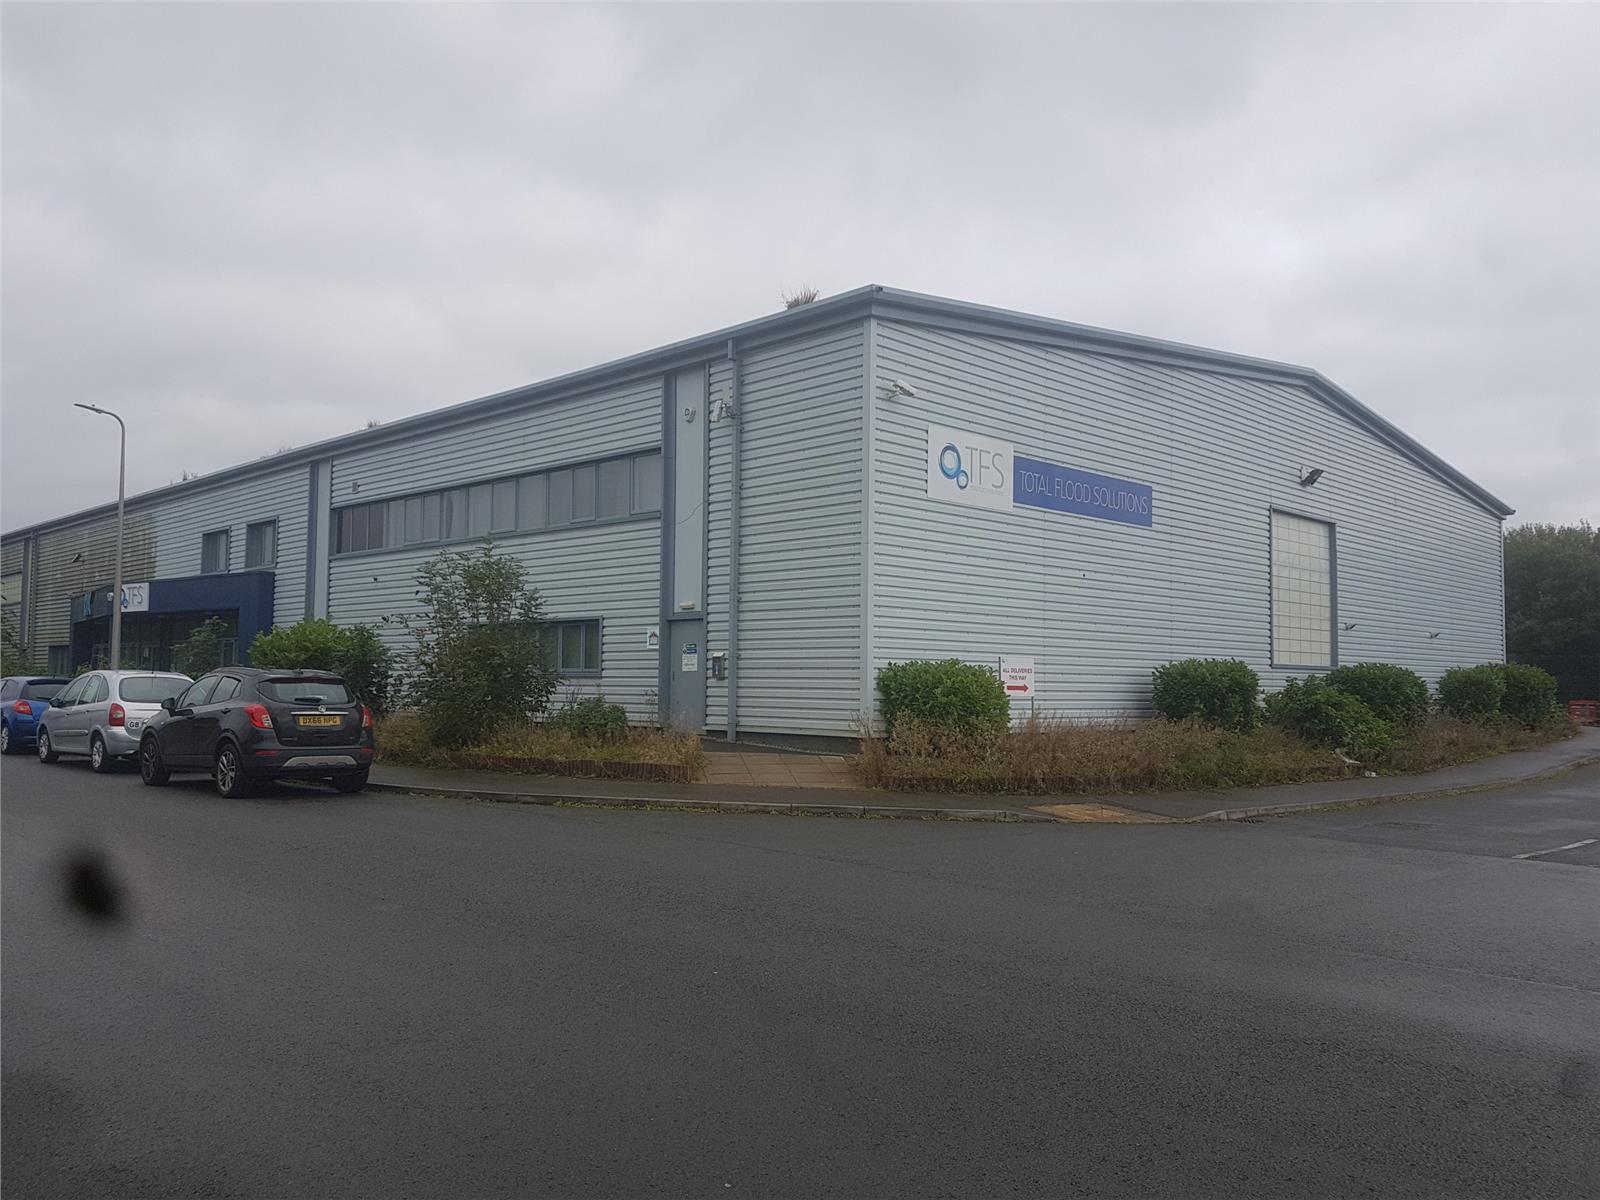 Unit 12 Llanelli Gate, Llanelli Gate, Dafen, Llanelli, Carmarthenshire, SA14